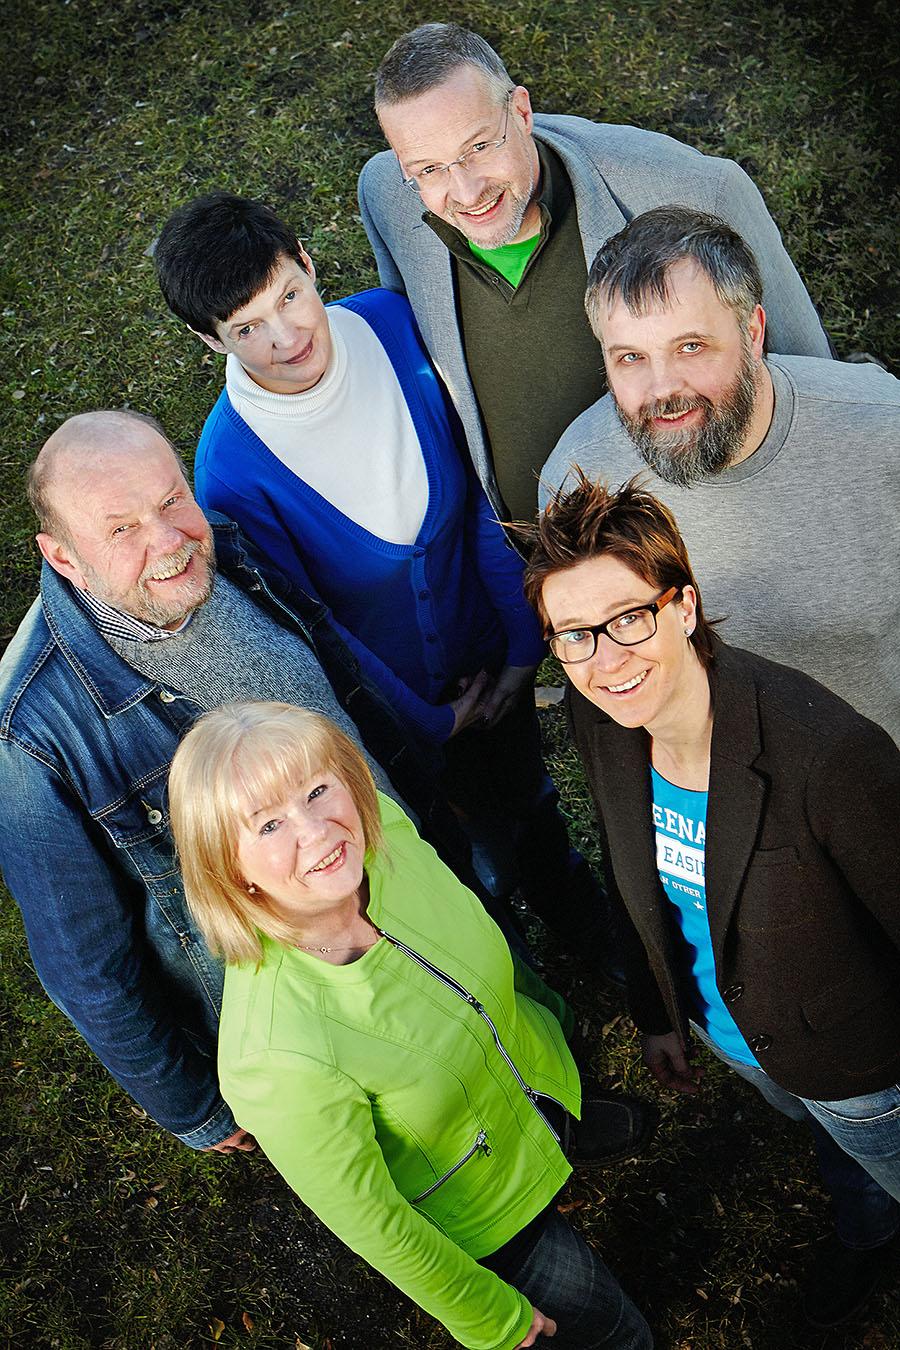 Die ersten Sechs auf der Reserveliste der Grünen: von unten links im Uhrzeigersinn: Isolde Clasvogt, Hans Wulf, Sigrid Alberti, Thomas Wälter, Thomas Schulte-Ladage, Verena Verspohl. (Foto: Grüne)